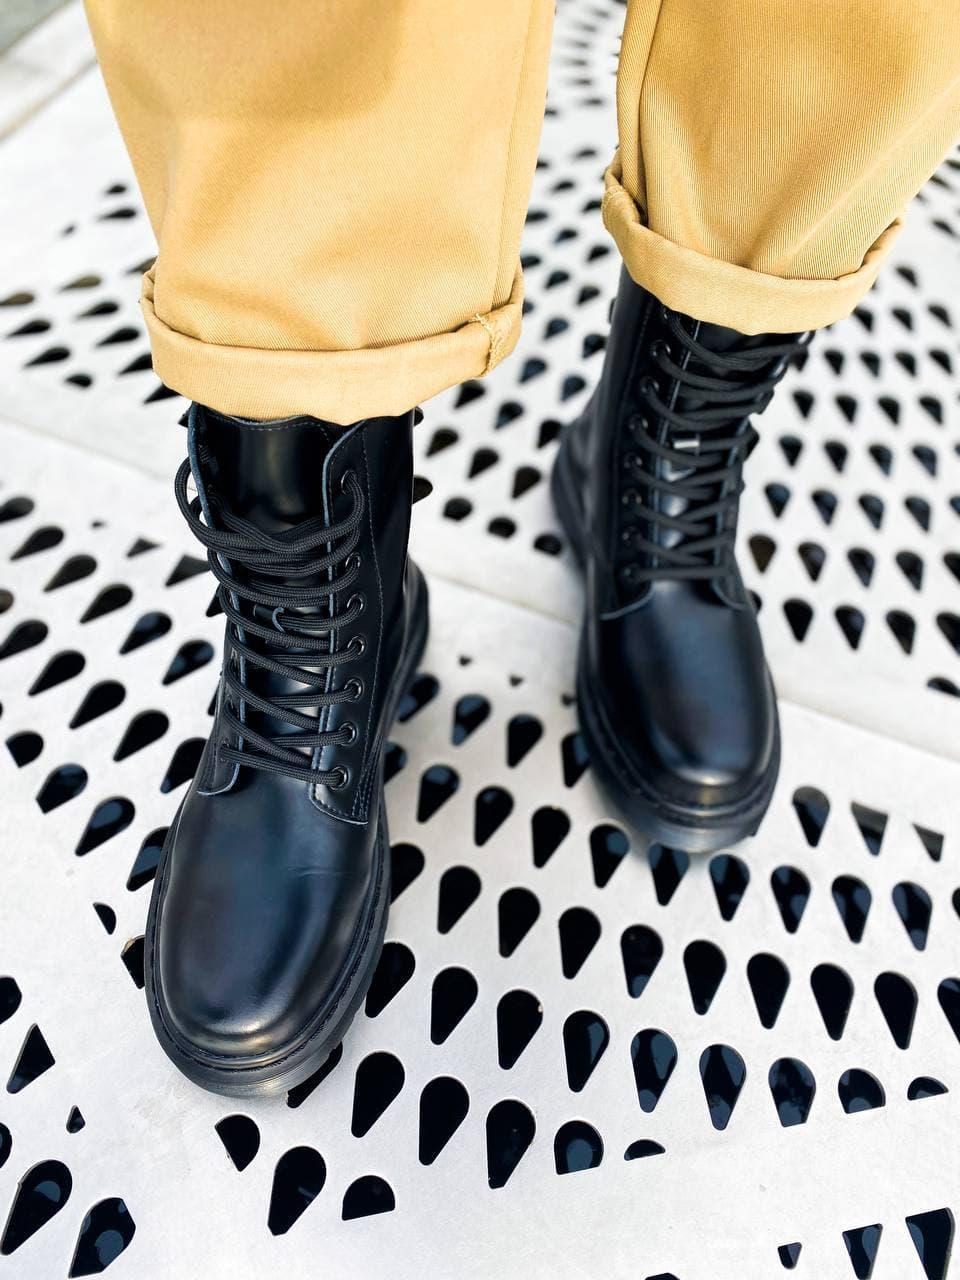 Жіночі зимові черевики Dr.Martens 1460 Mono Black Premium(FUR) (чорні) К3310 стильне взуття на хутрі